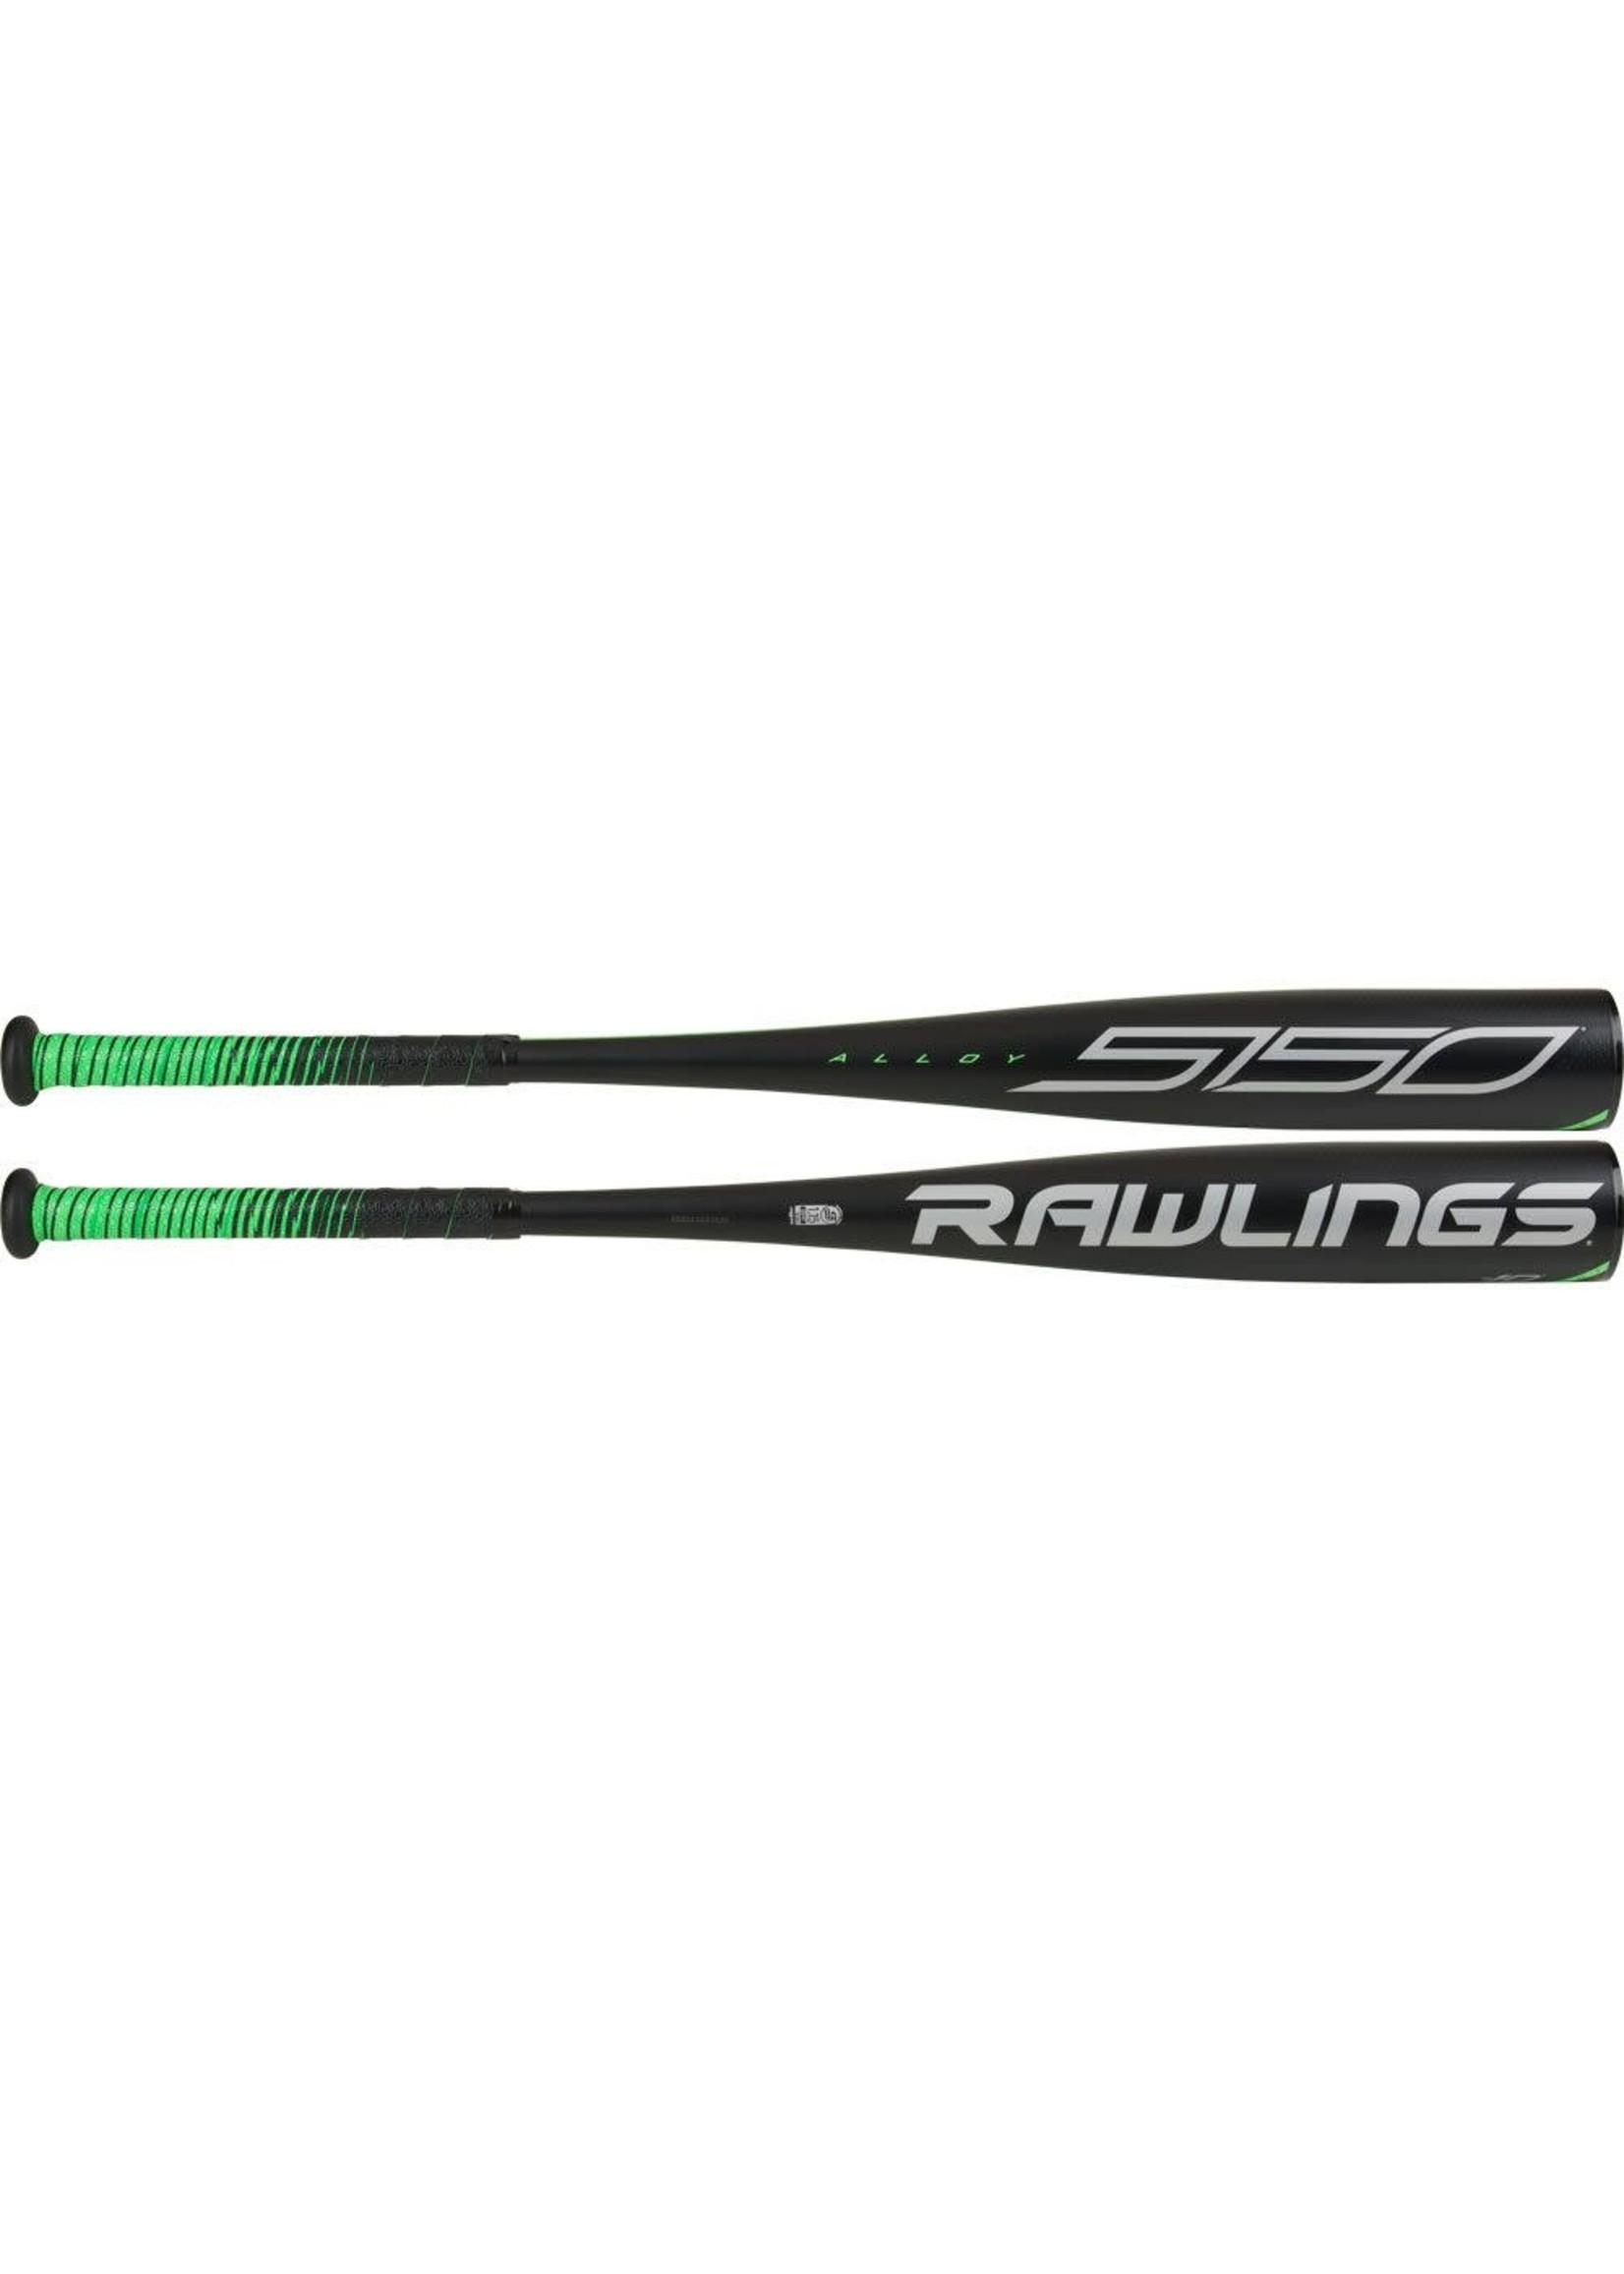 Rawlings RAWLINGS ALLOY 5150